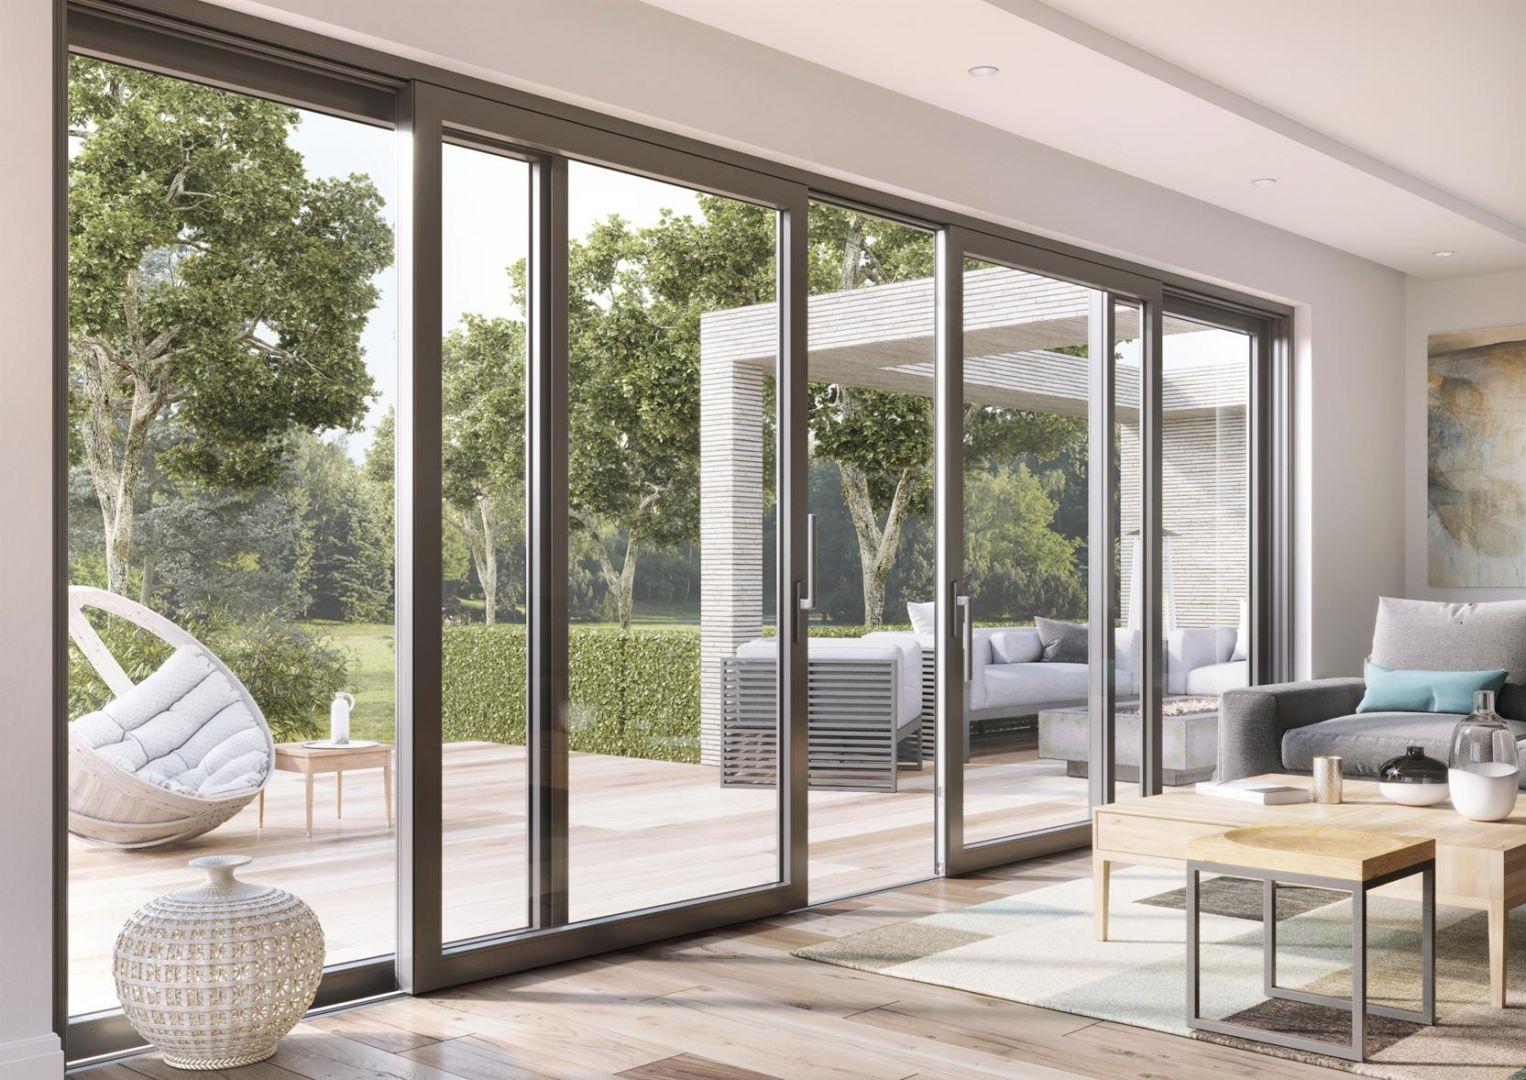 Jako okna tarasowe i balkonowe doskonale sprawdzają się systemy przesuwne. Umożliwiają one tworzenie panoramicznych przeszkleń z niewielką liczbą elementów konstrukcyjnych. Fot. Vetrex